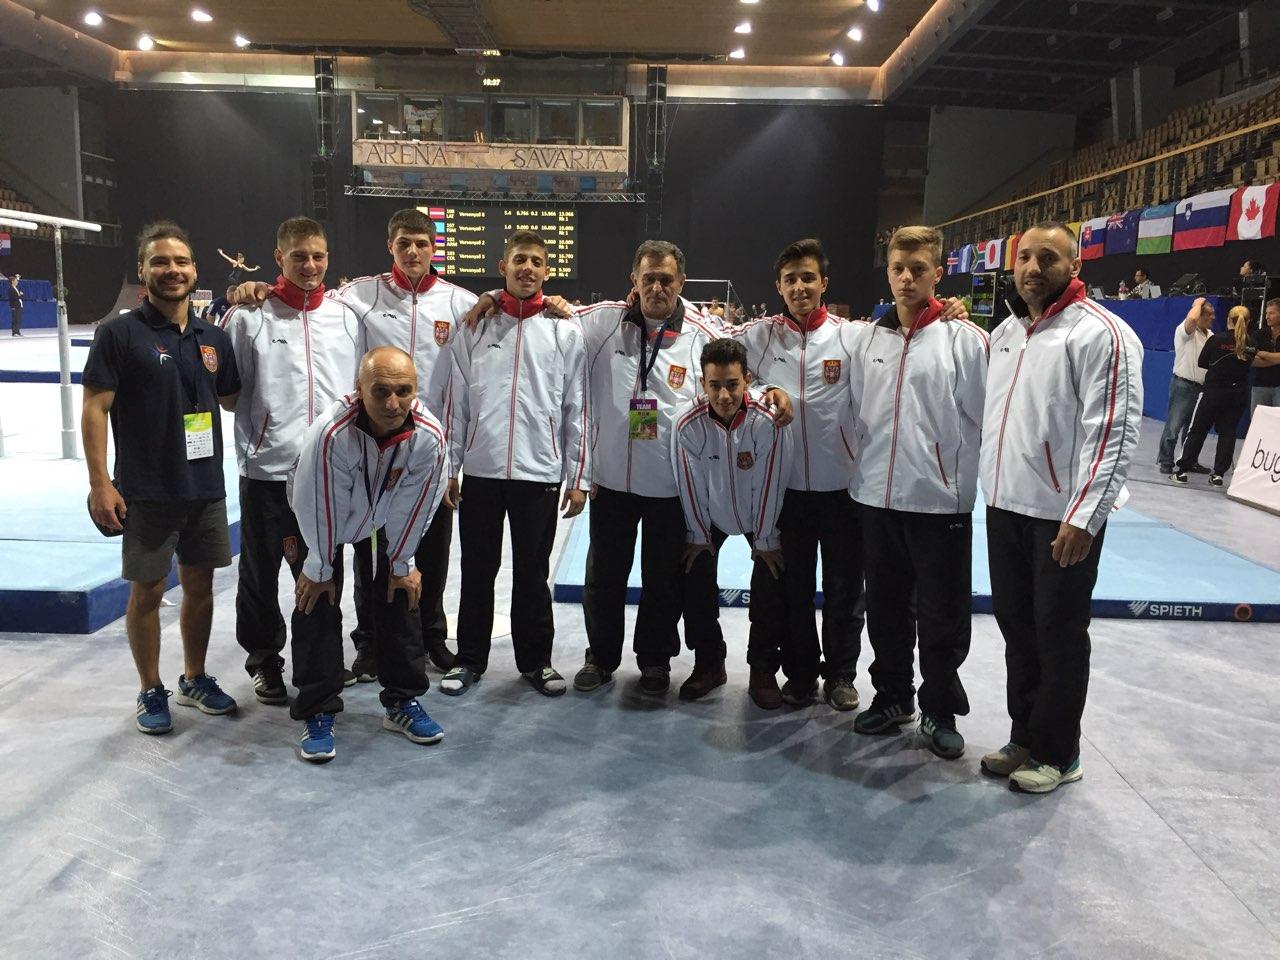 Reprezentacija Muške sportske gimnastike na FIG ART World Challenge Cup-u u Mađarskoj